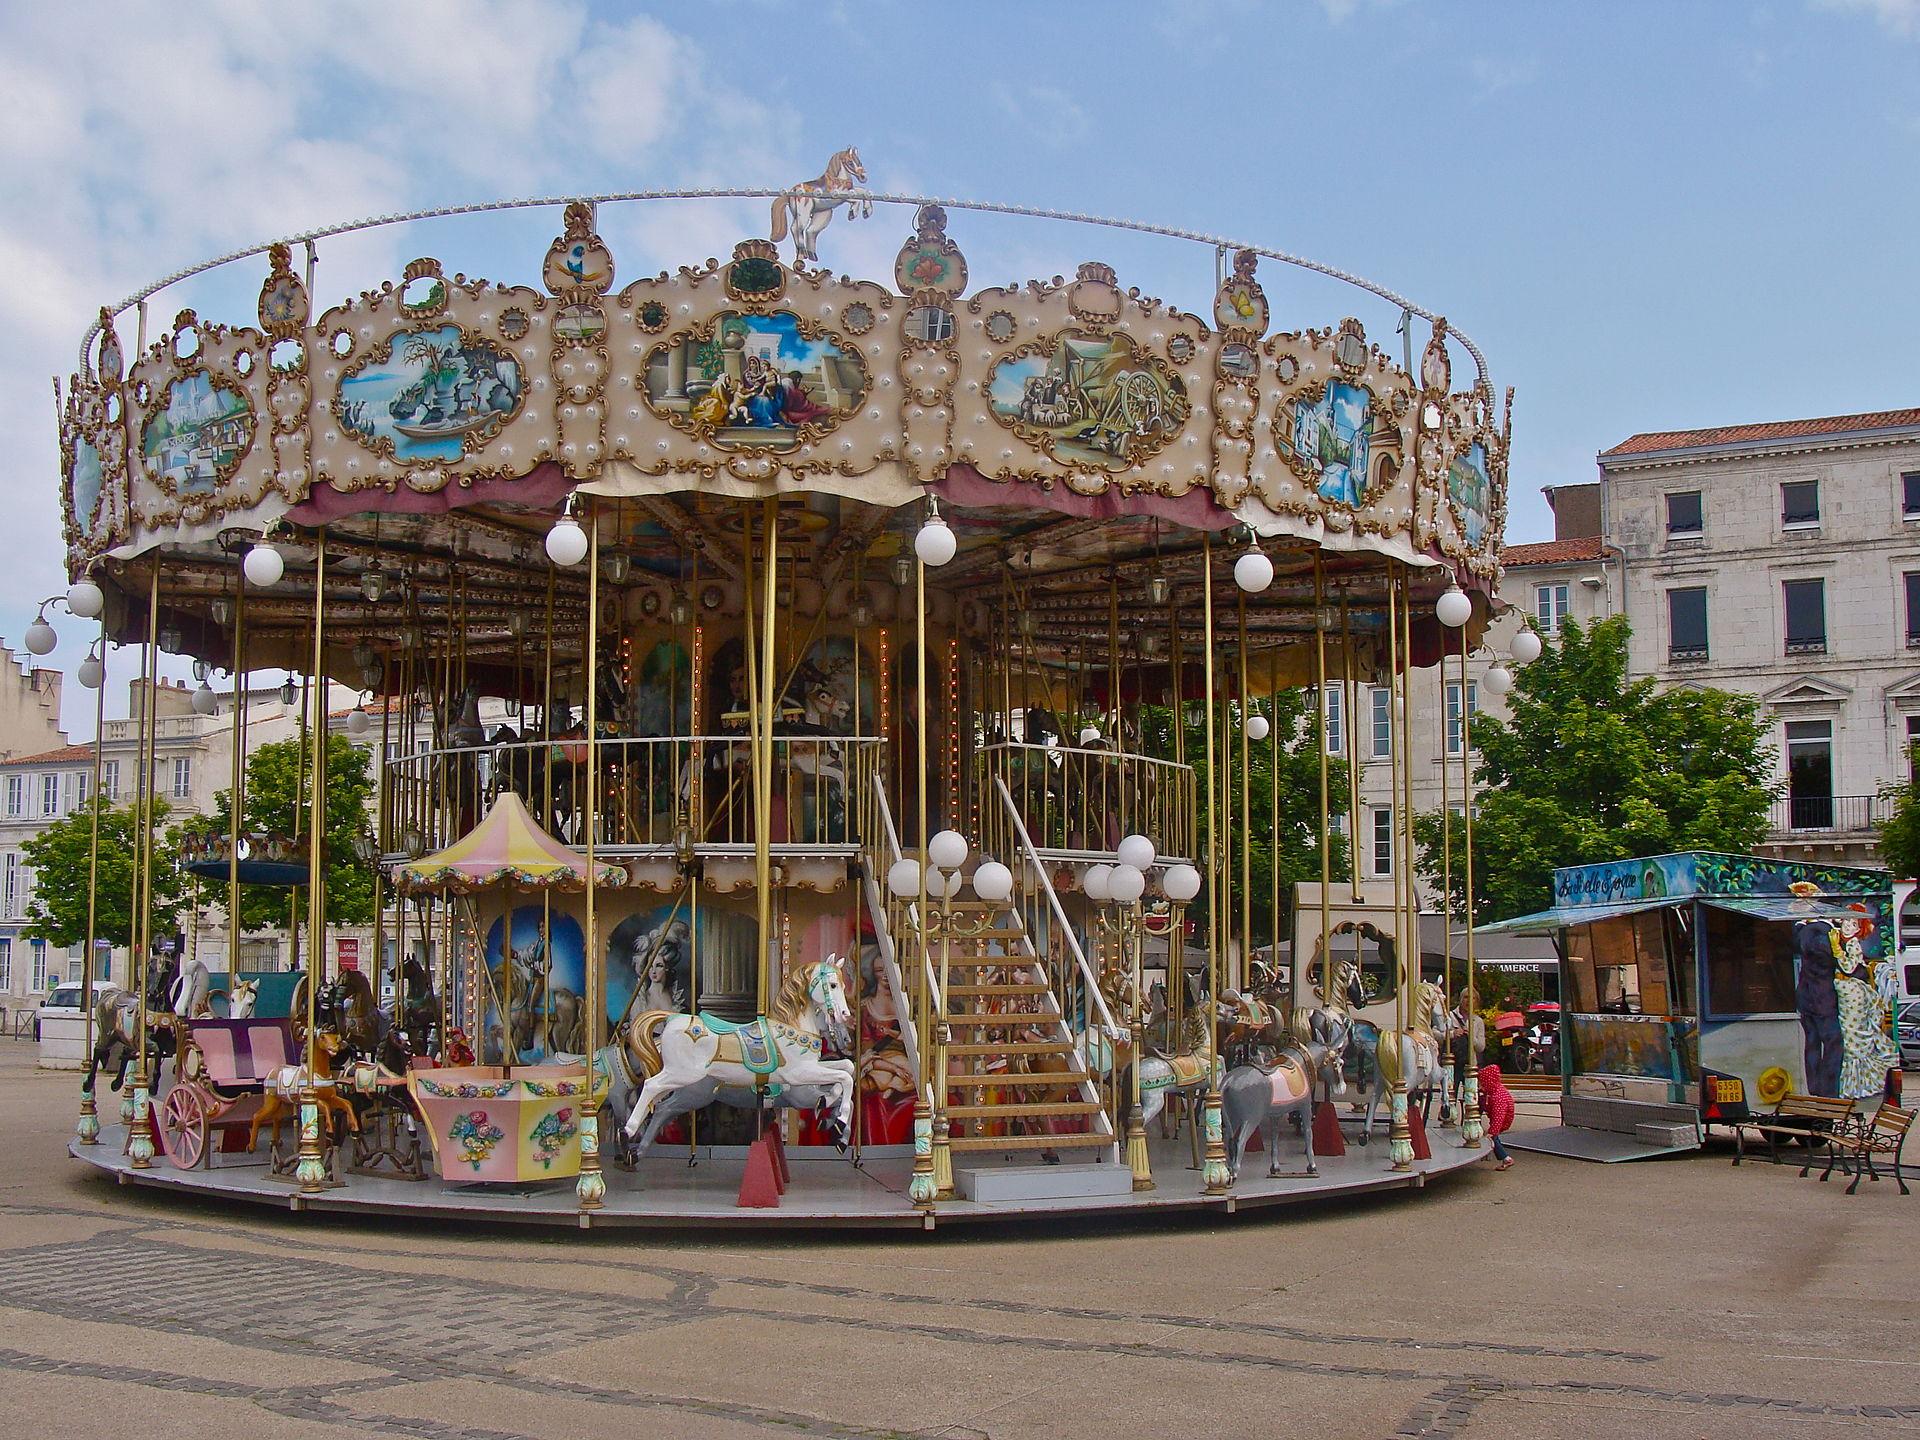 Carousel - Wikipedia